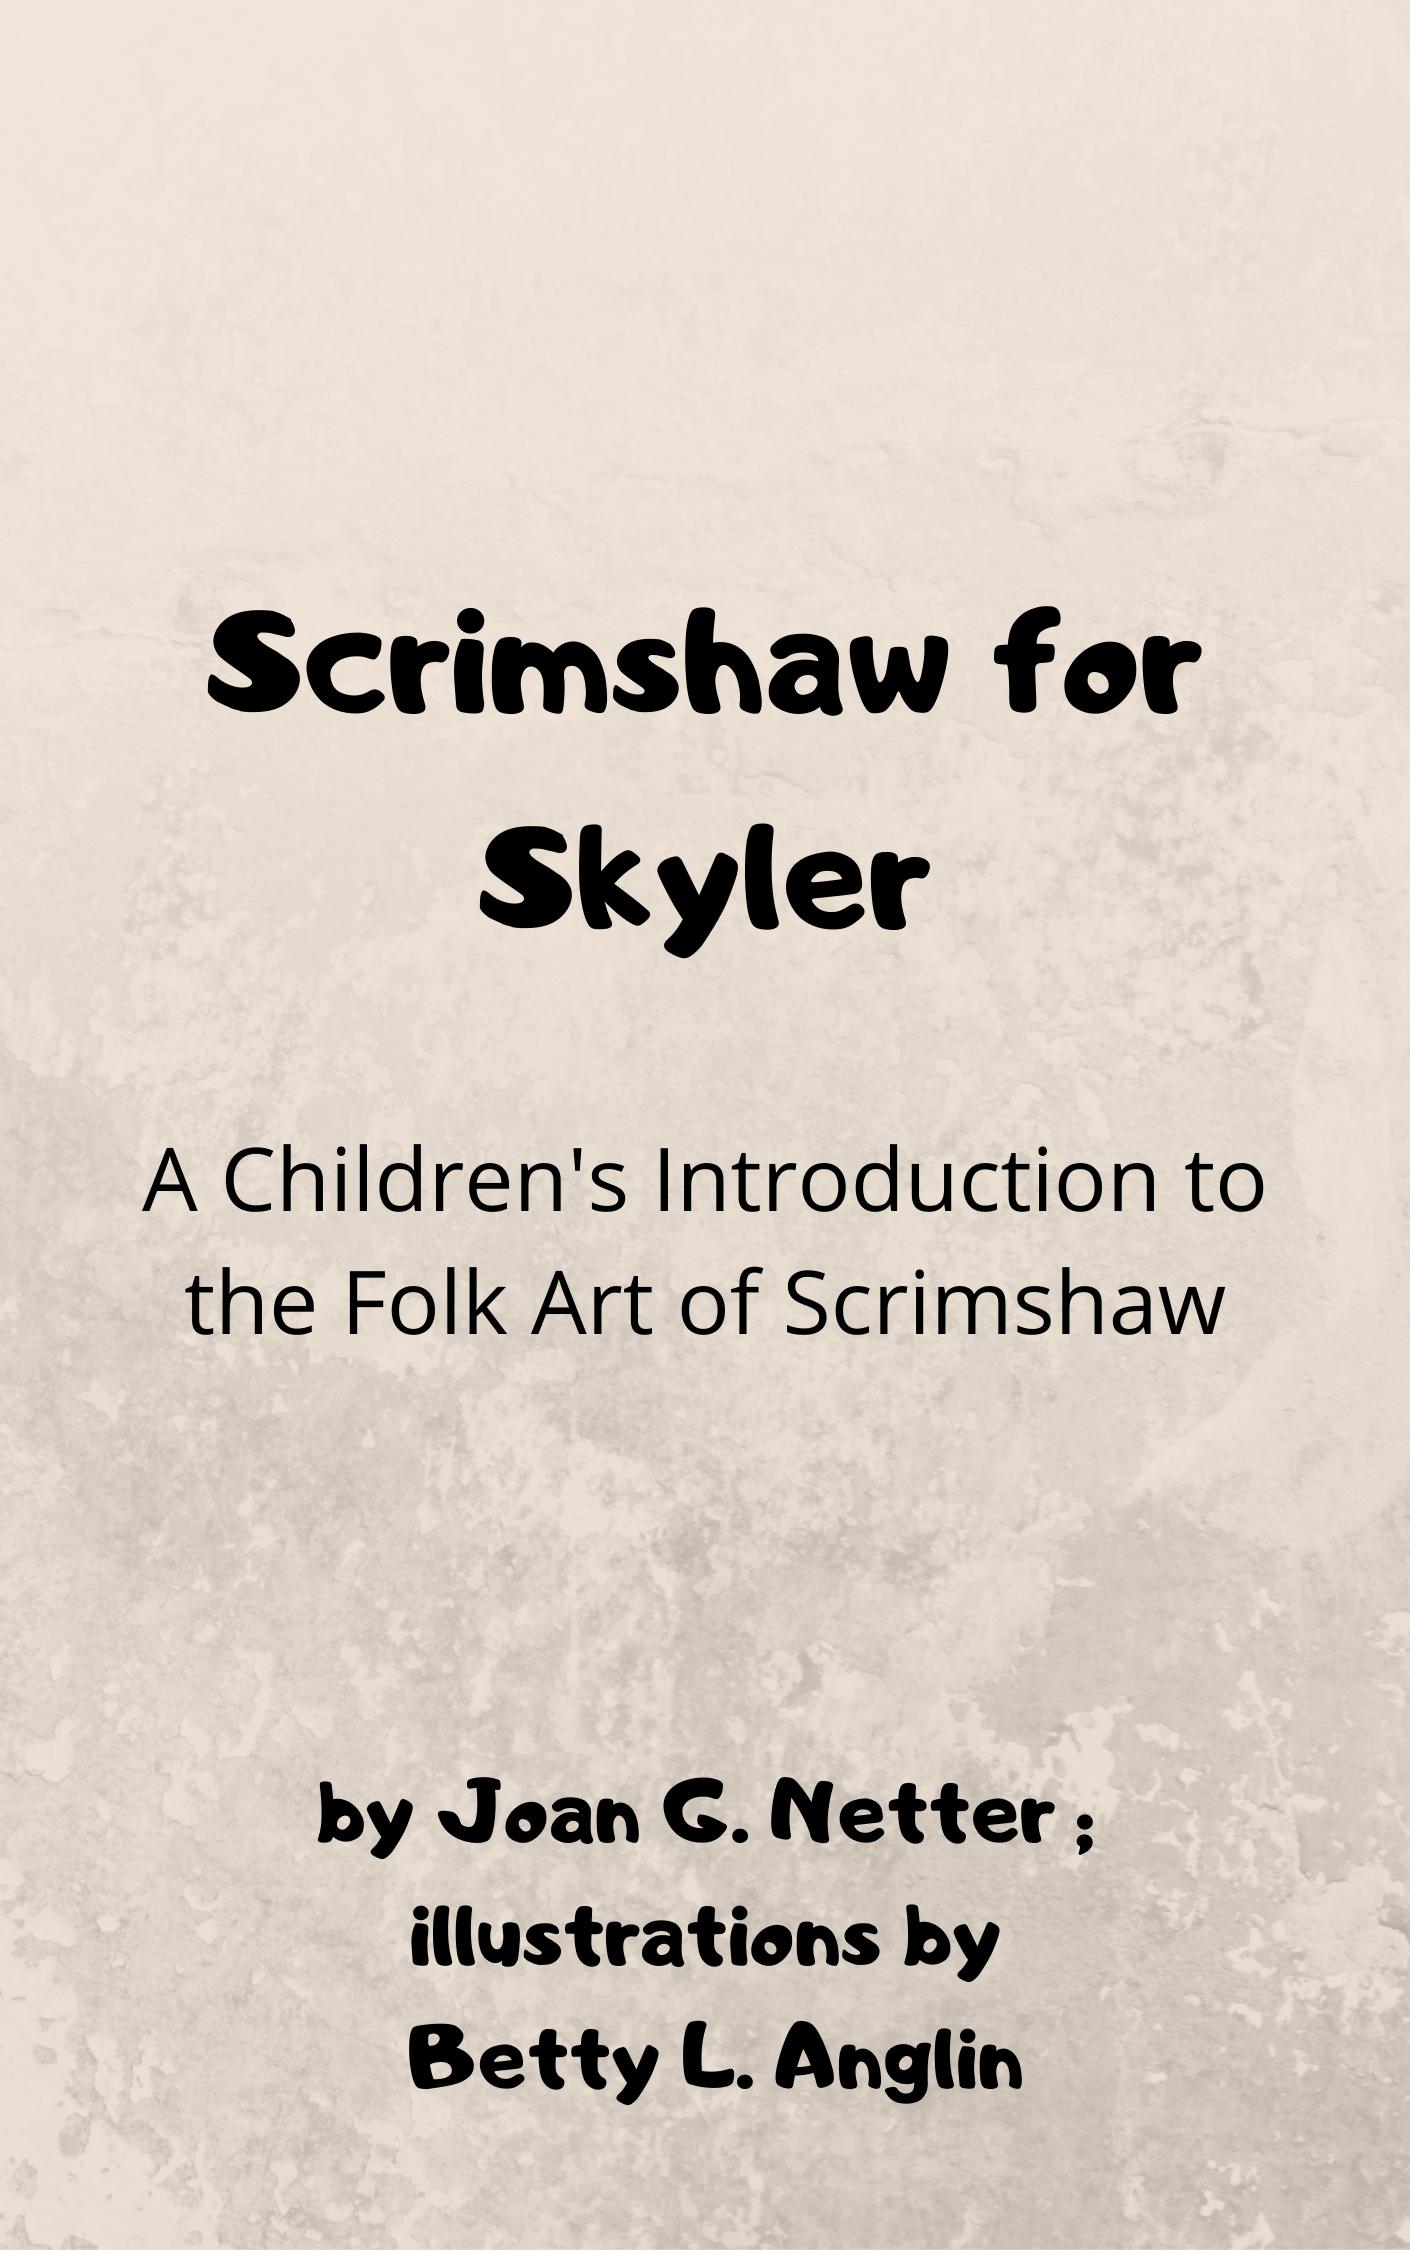 Scrimshaw for Skyler:  A Children's Introduction to the Folk Art of Scrimshaw